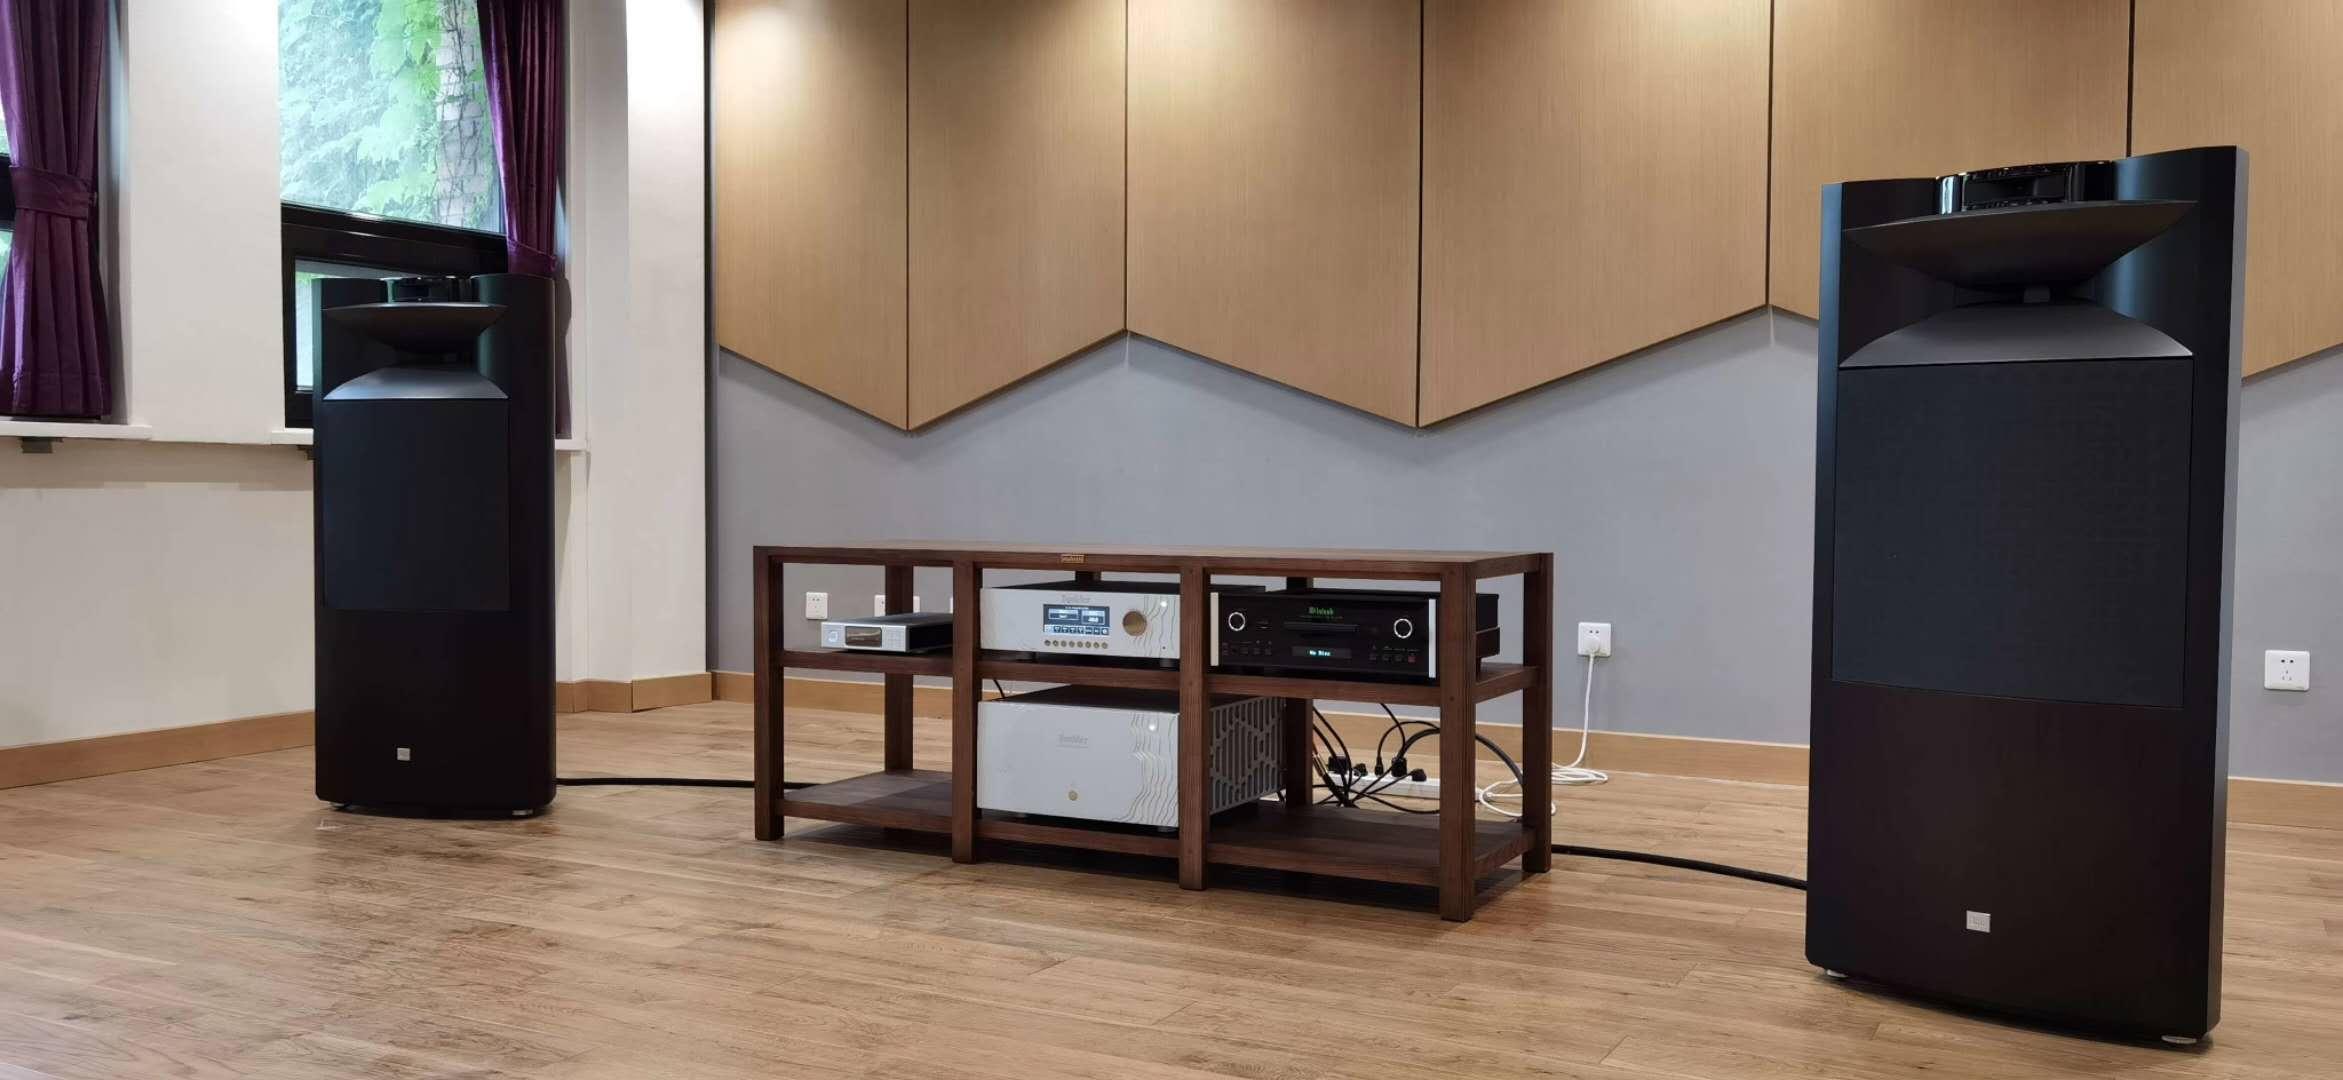 世界顶级品牌发烧音响进驻清华大学图书馆音乐鉴赏室